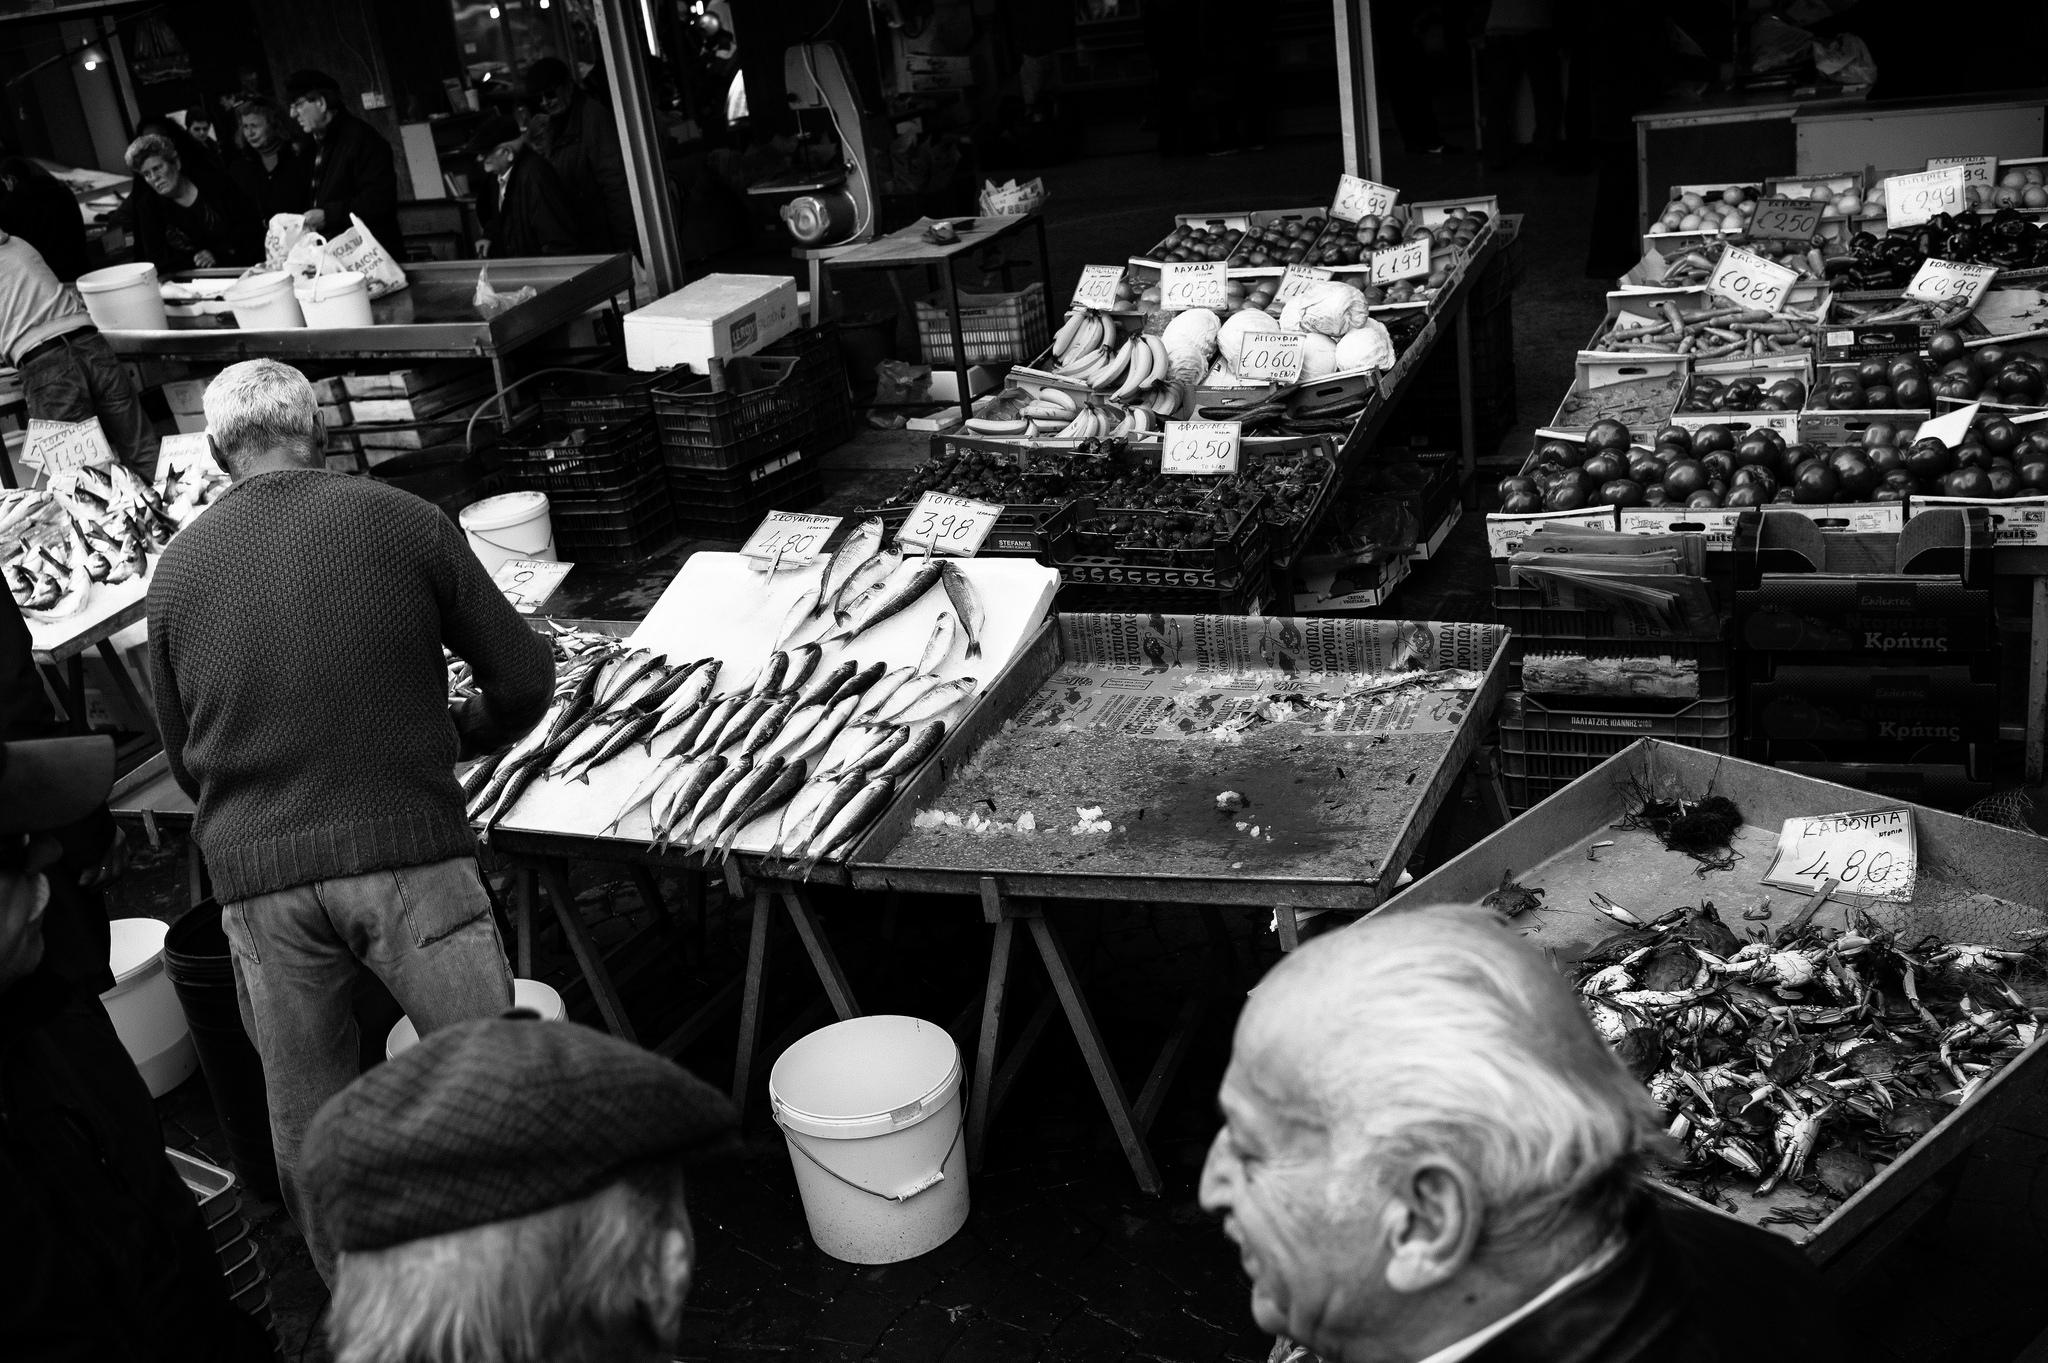 Market by Tobi Gaulke.